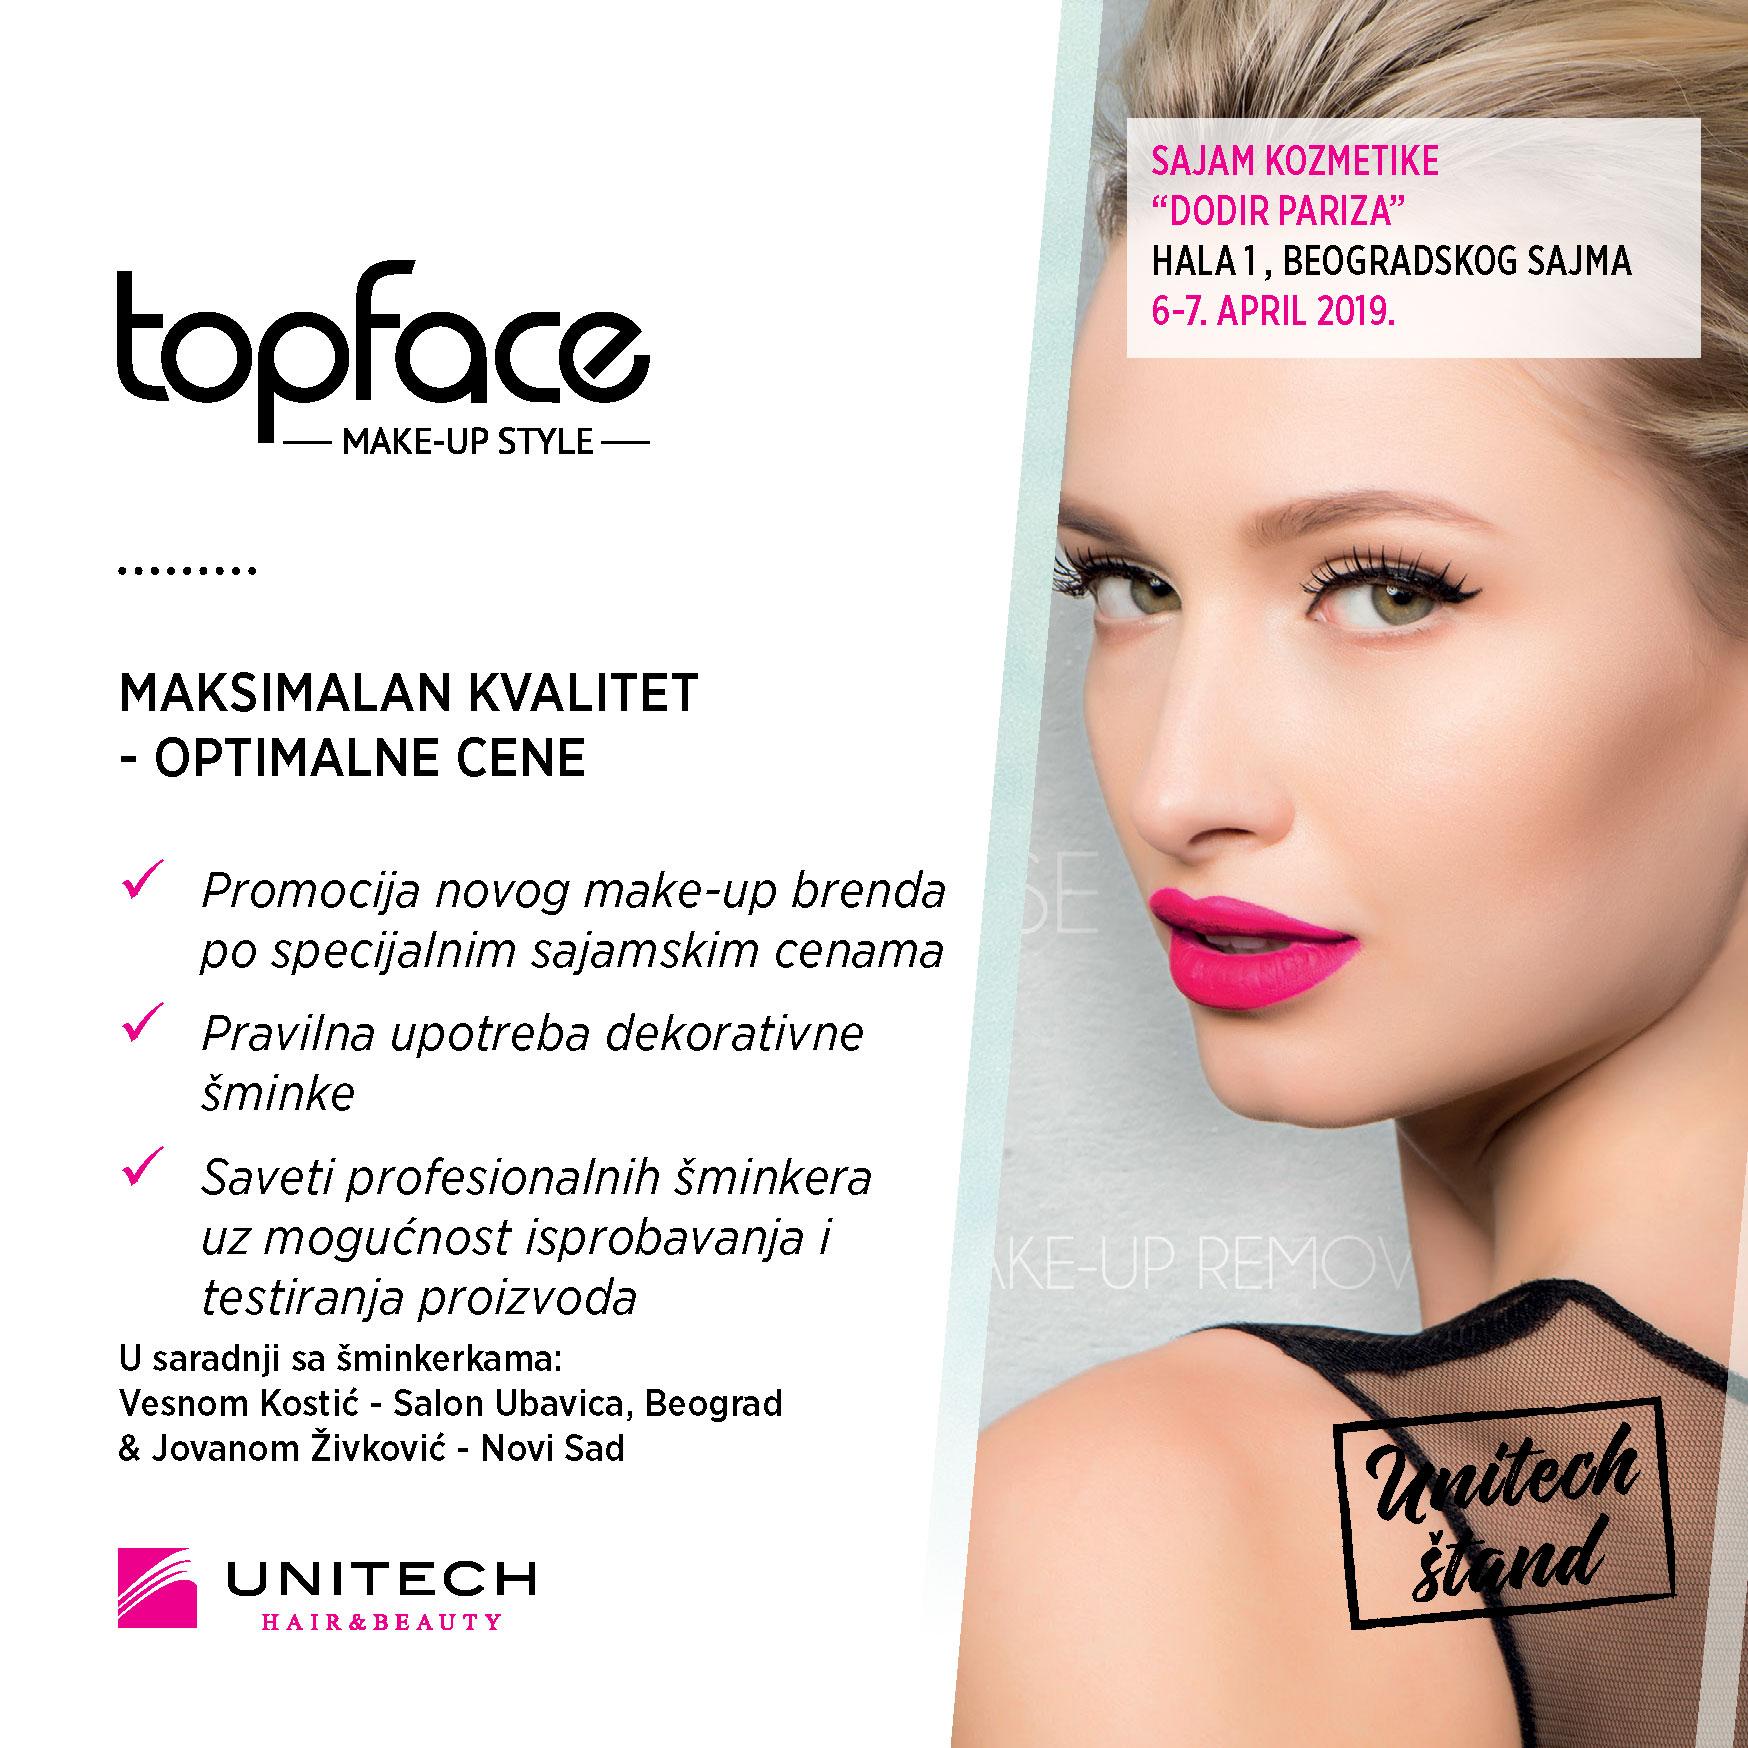 Unitech topface - 33. sajam kozmetike